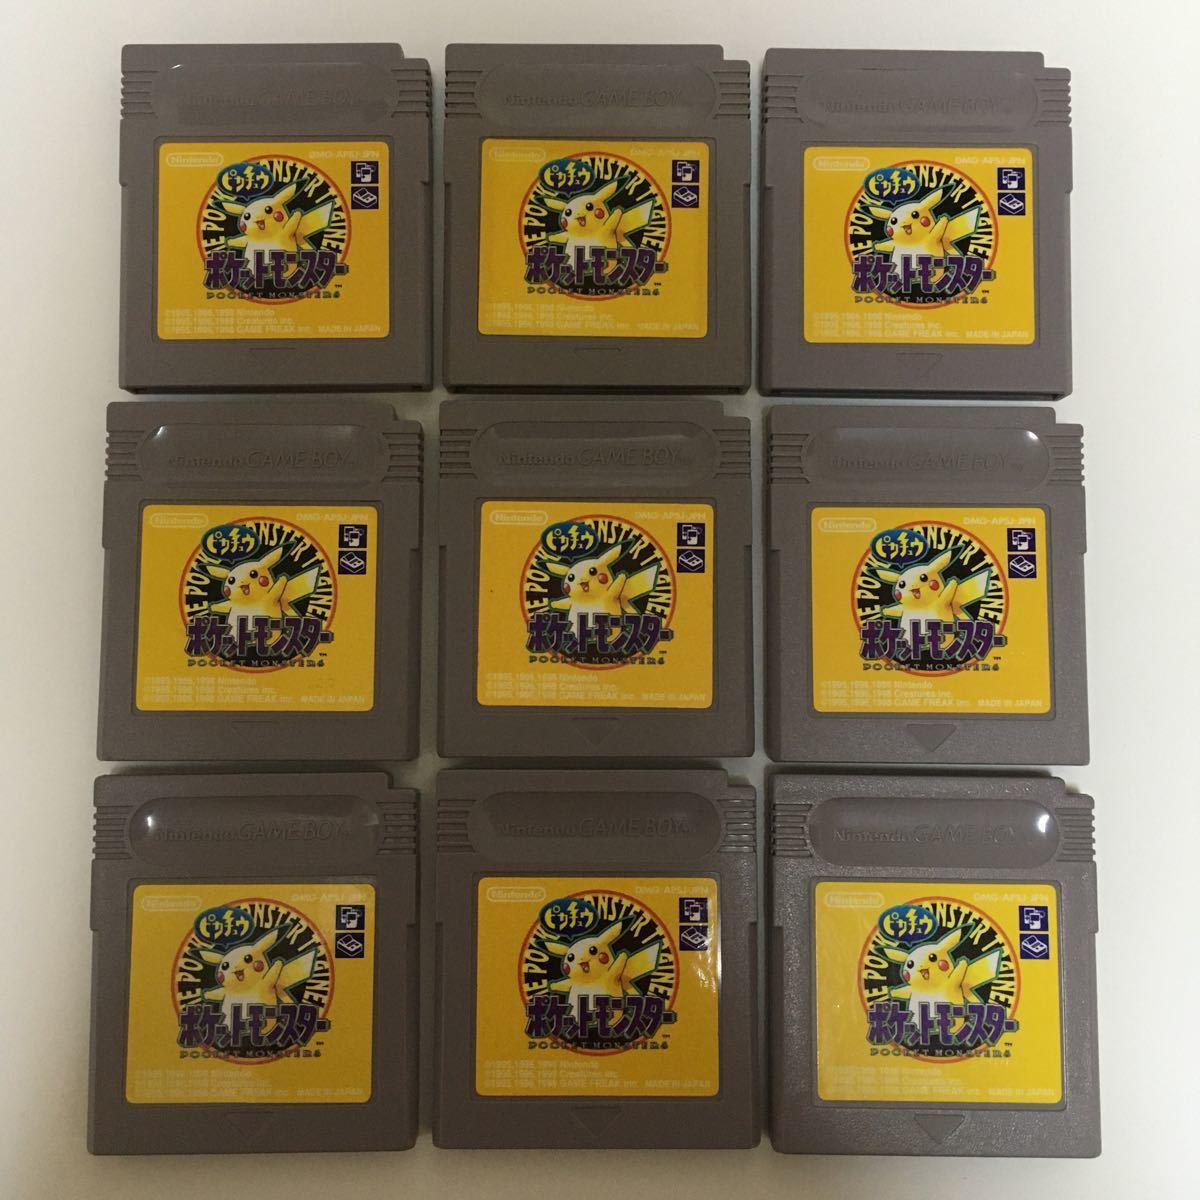 ゲームボーイ ソフト ポケットモンスター ピカチュウ 黄 動作確認済み 9つセット ポケモン レトロ ゲーム 任天堂 初期